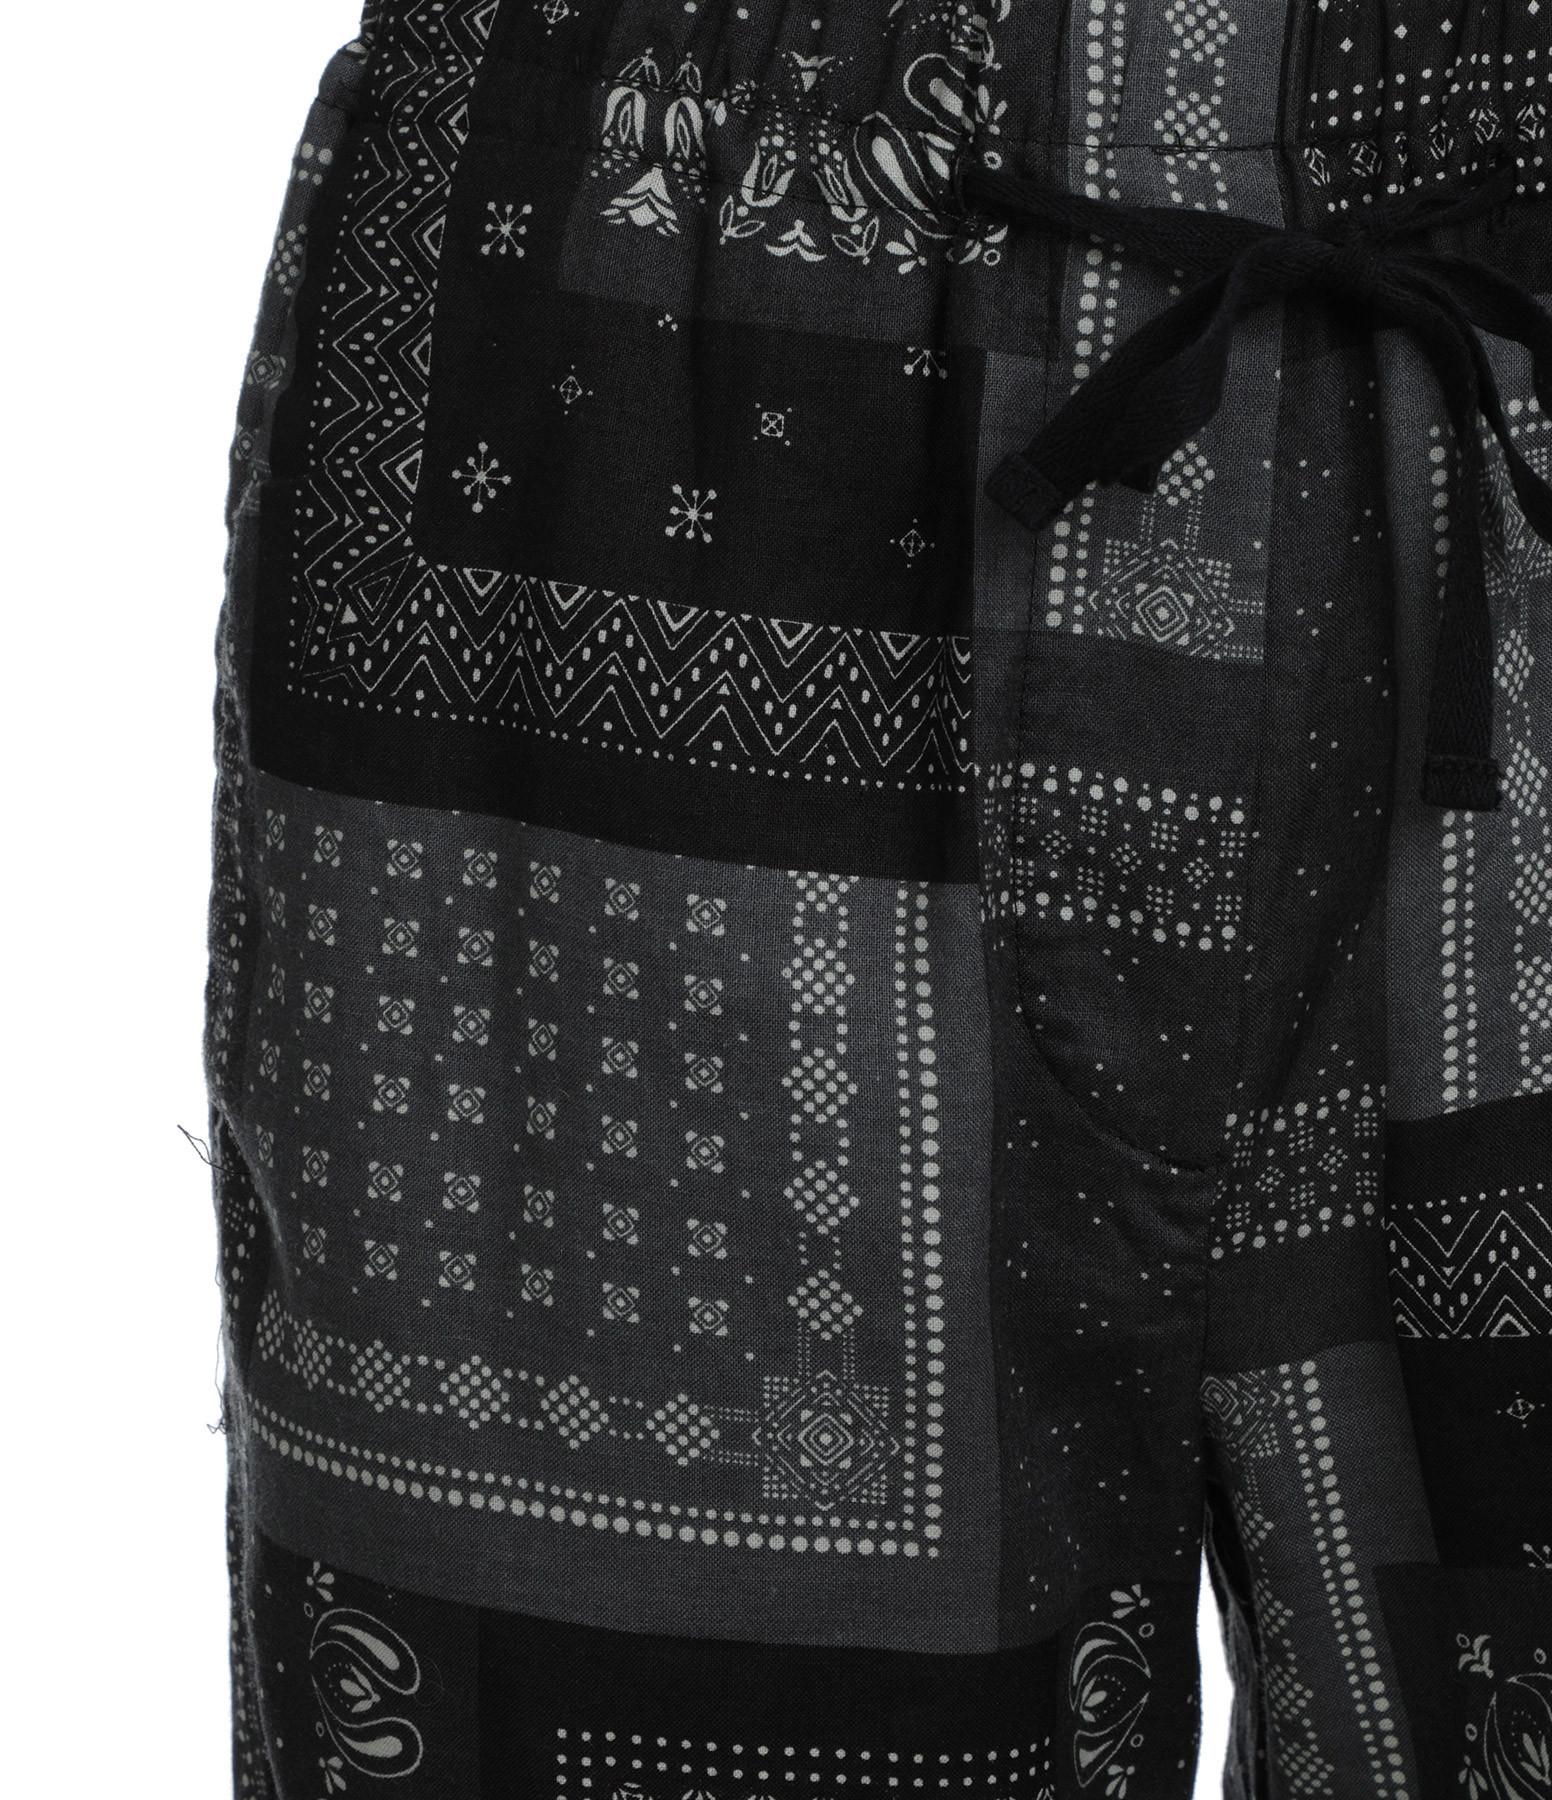 OVERLOVER - Pantalon Yucca Ramie Bandana Grey Imprimé